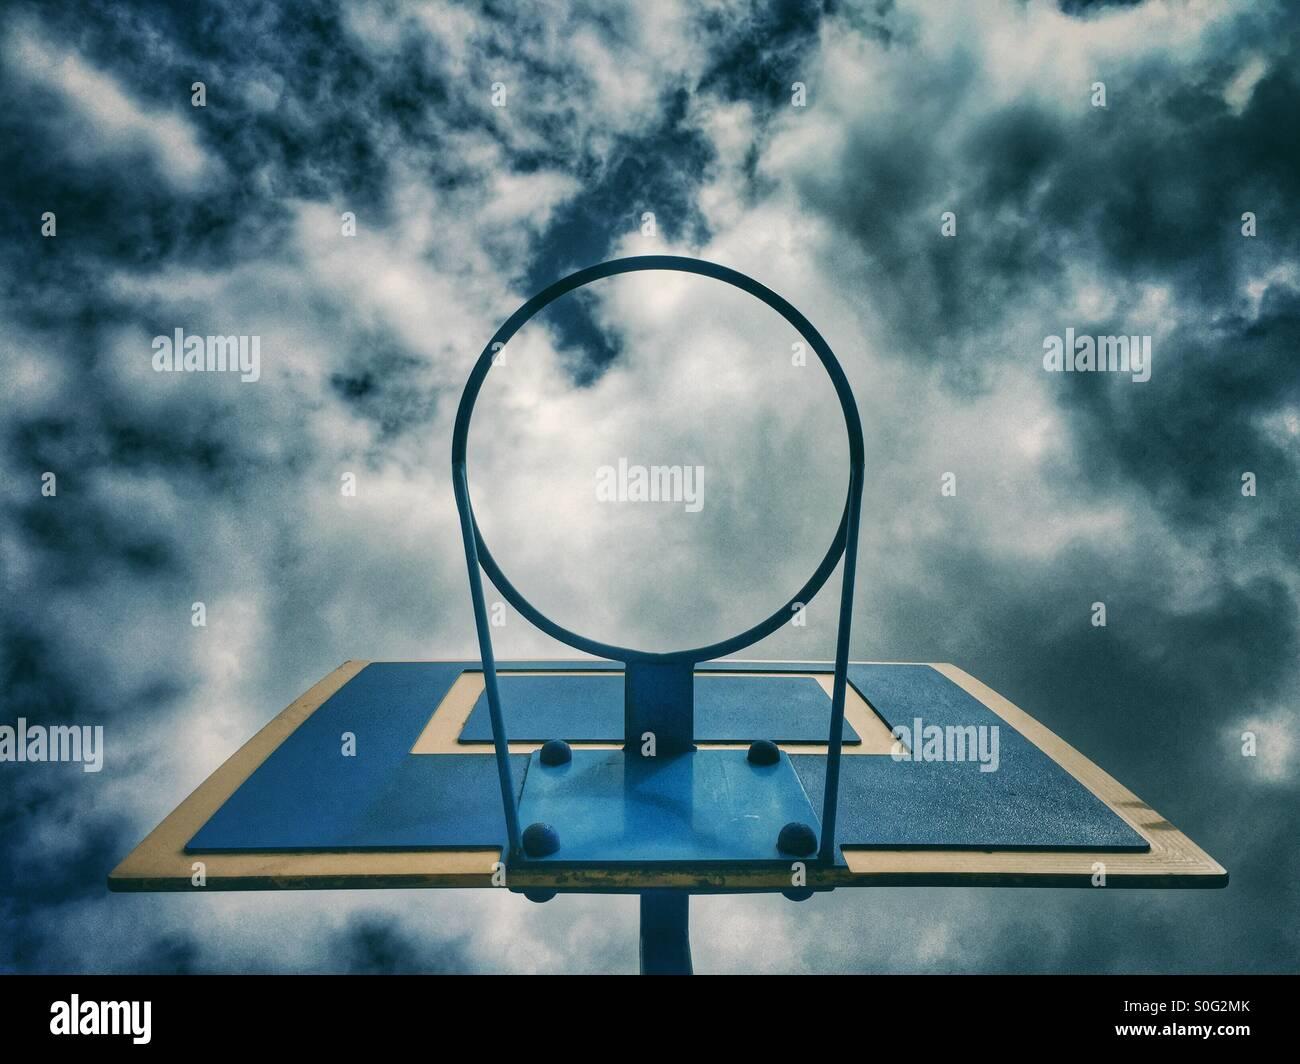 Basketball hoop - Stock Image